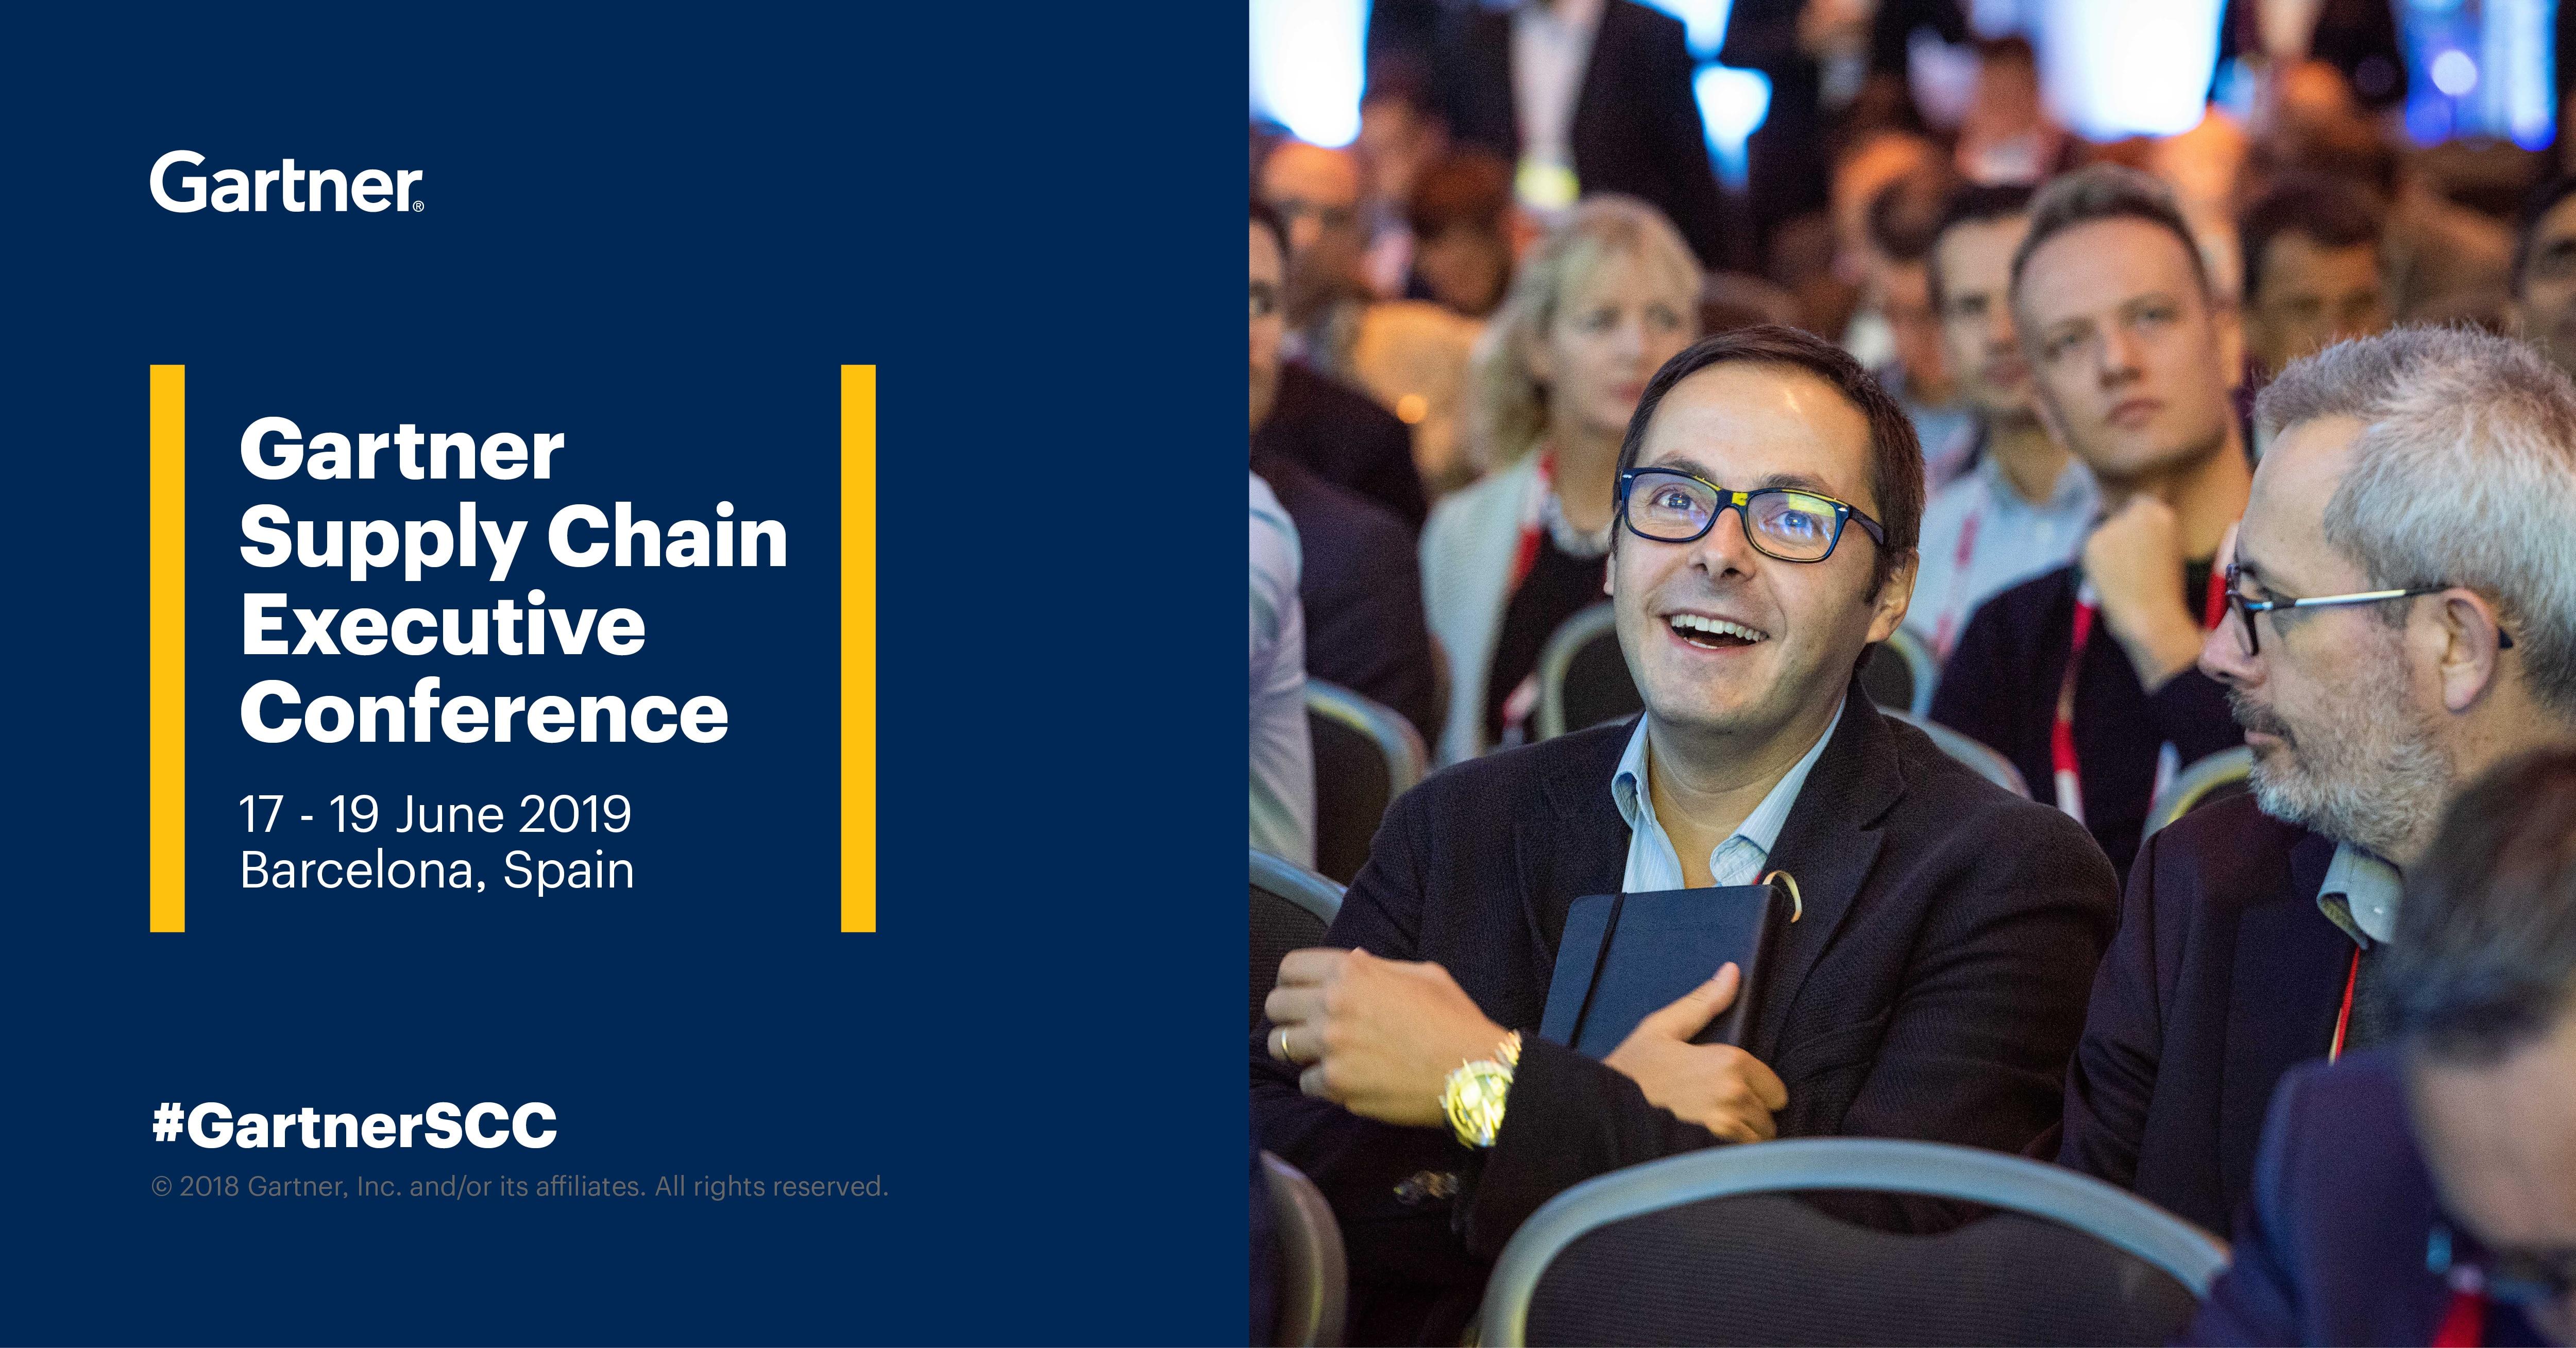 Mecalux weźmie udział w Gartner's Supply Chain Executive Conference 2019 w Barcelonie